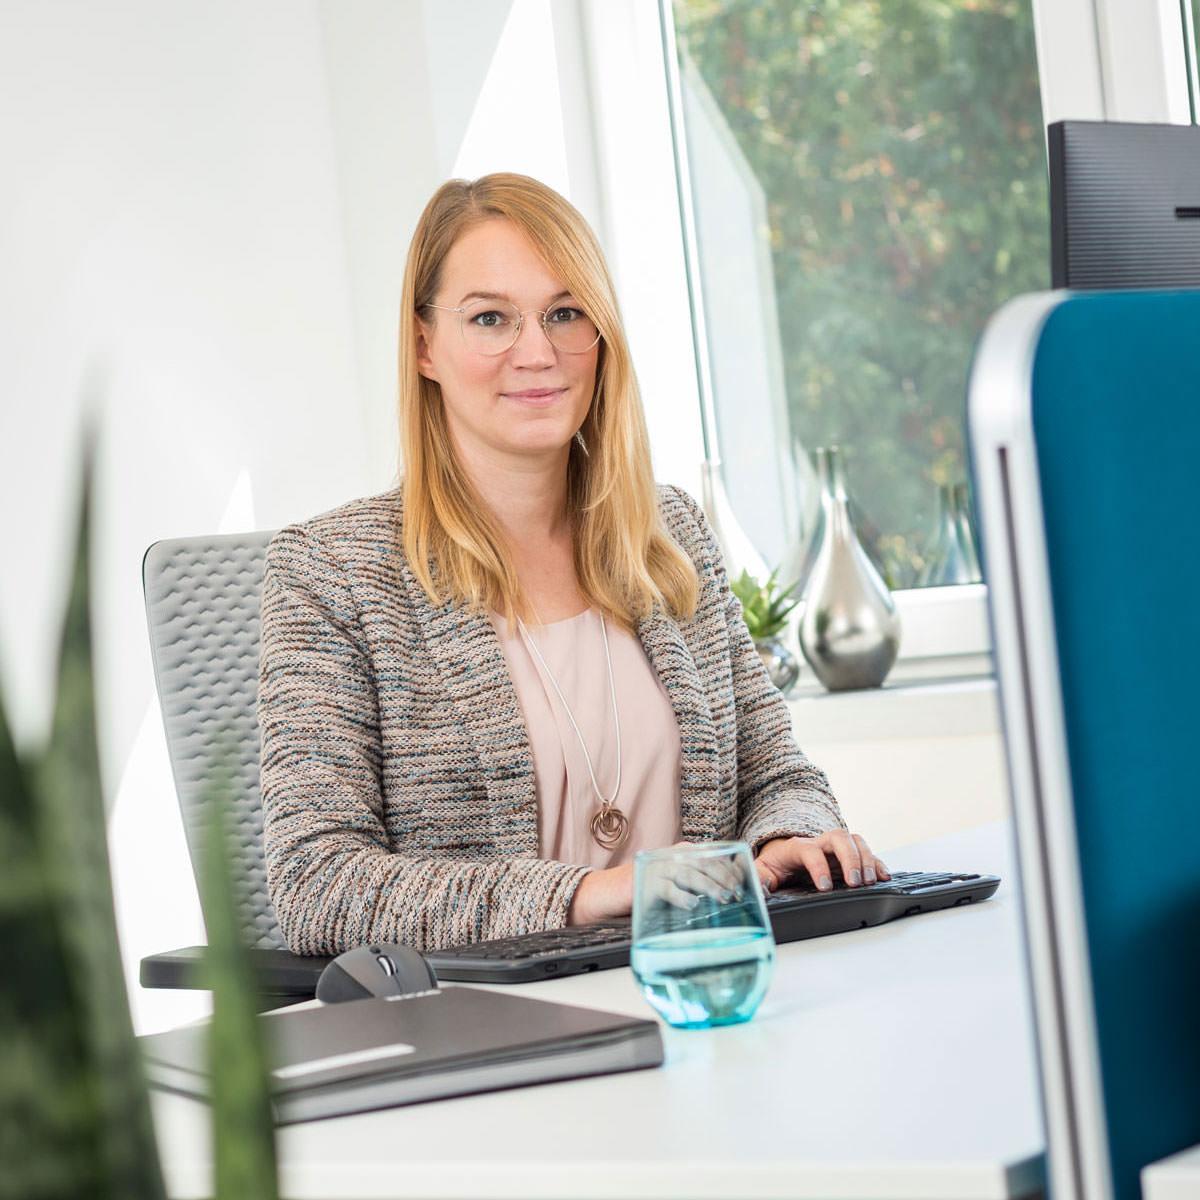 Steuerberatung in Bielefeld, Finanzbuchhaltung, klare Abläufe, fest vereinbarte Honorare